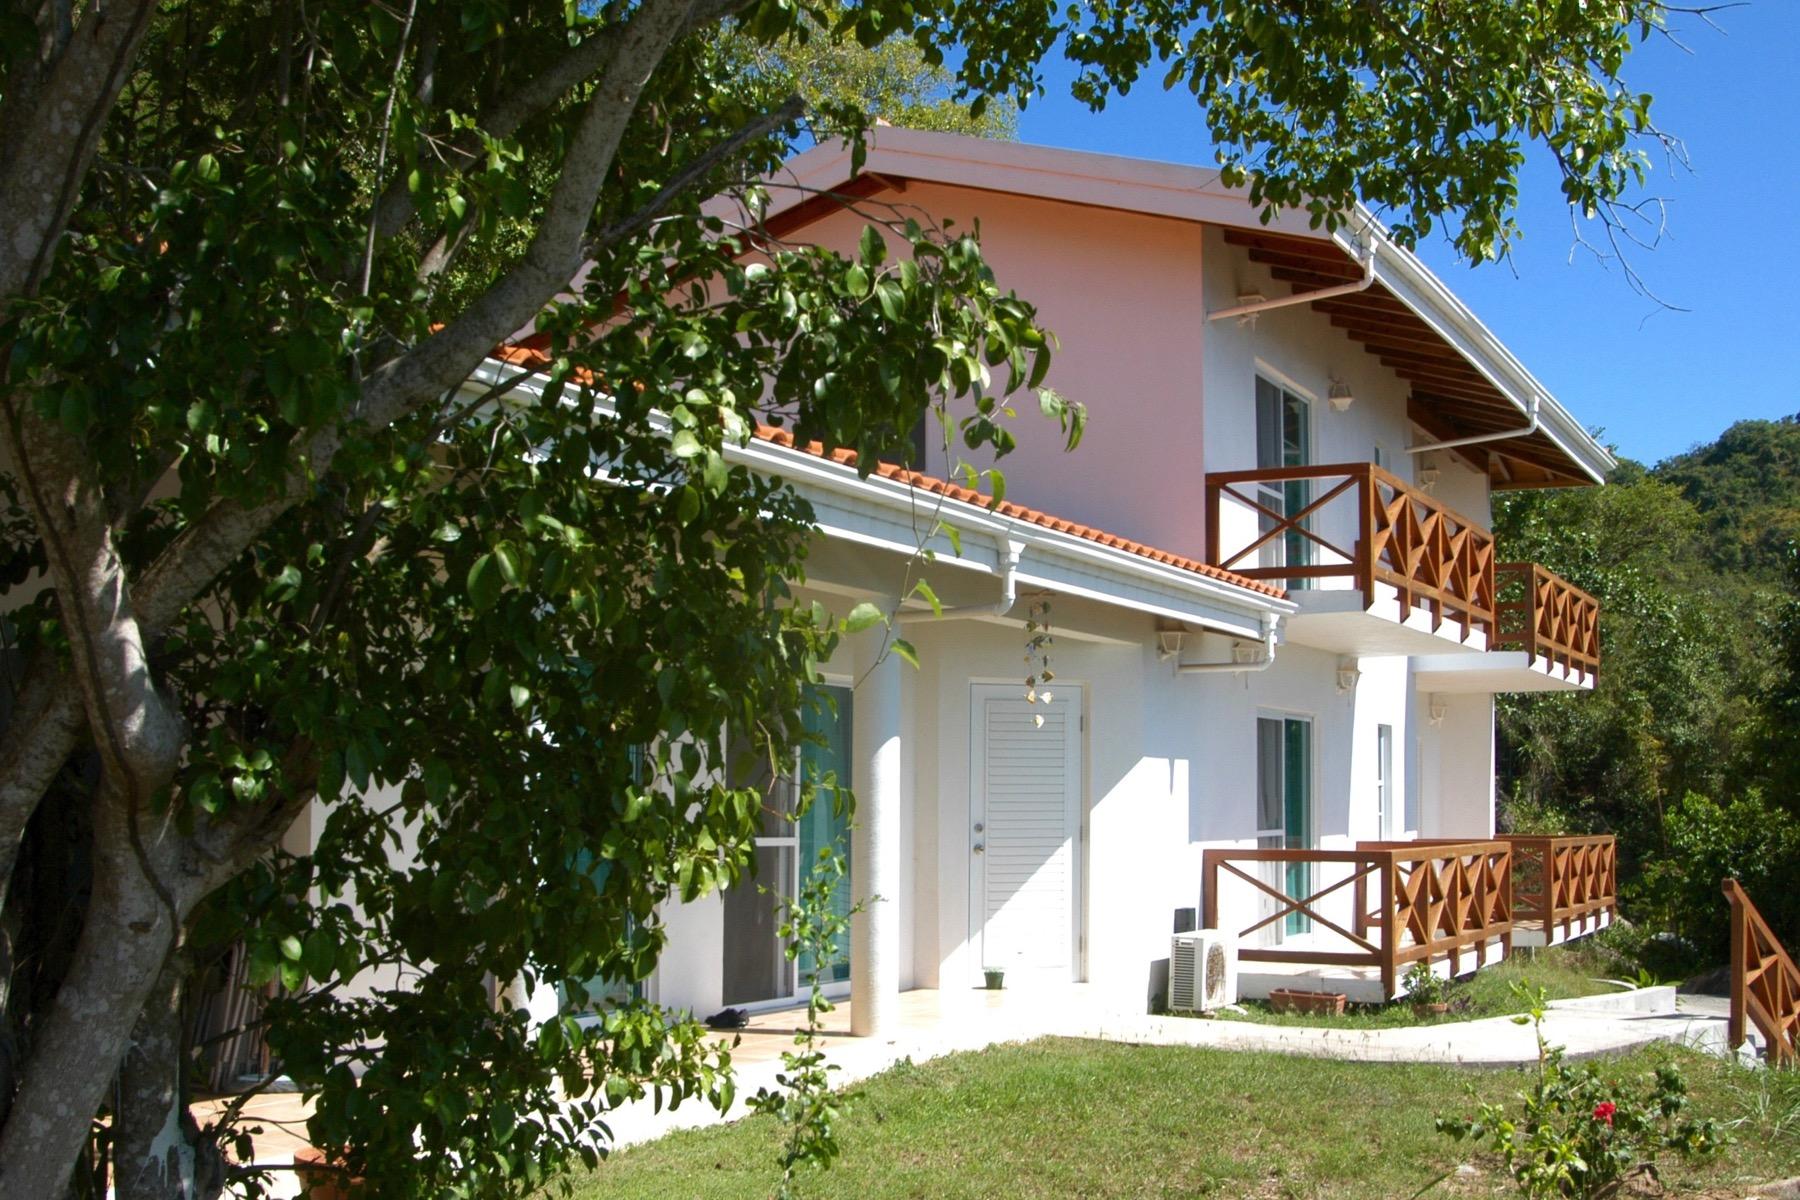 Tek Ailelik Ev için Satış at Villa Frangipani Lambert Beach, Tortola Ingiliz Virgin Adalari